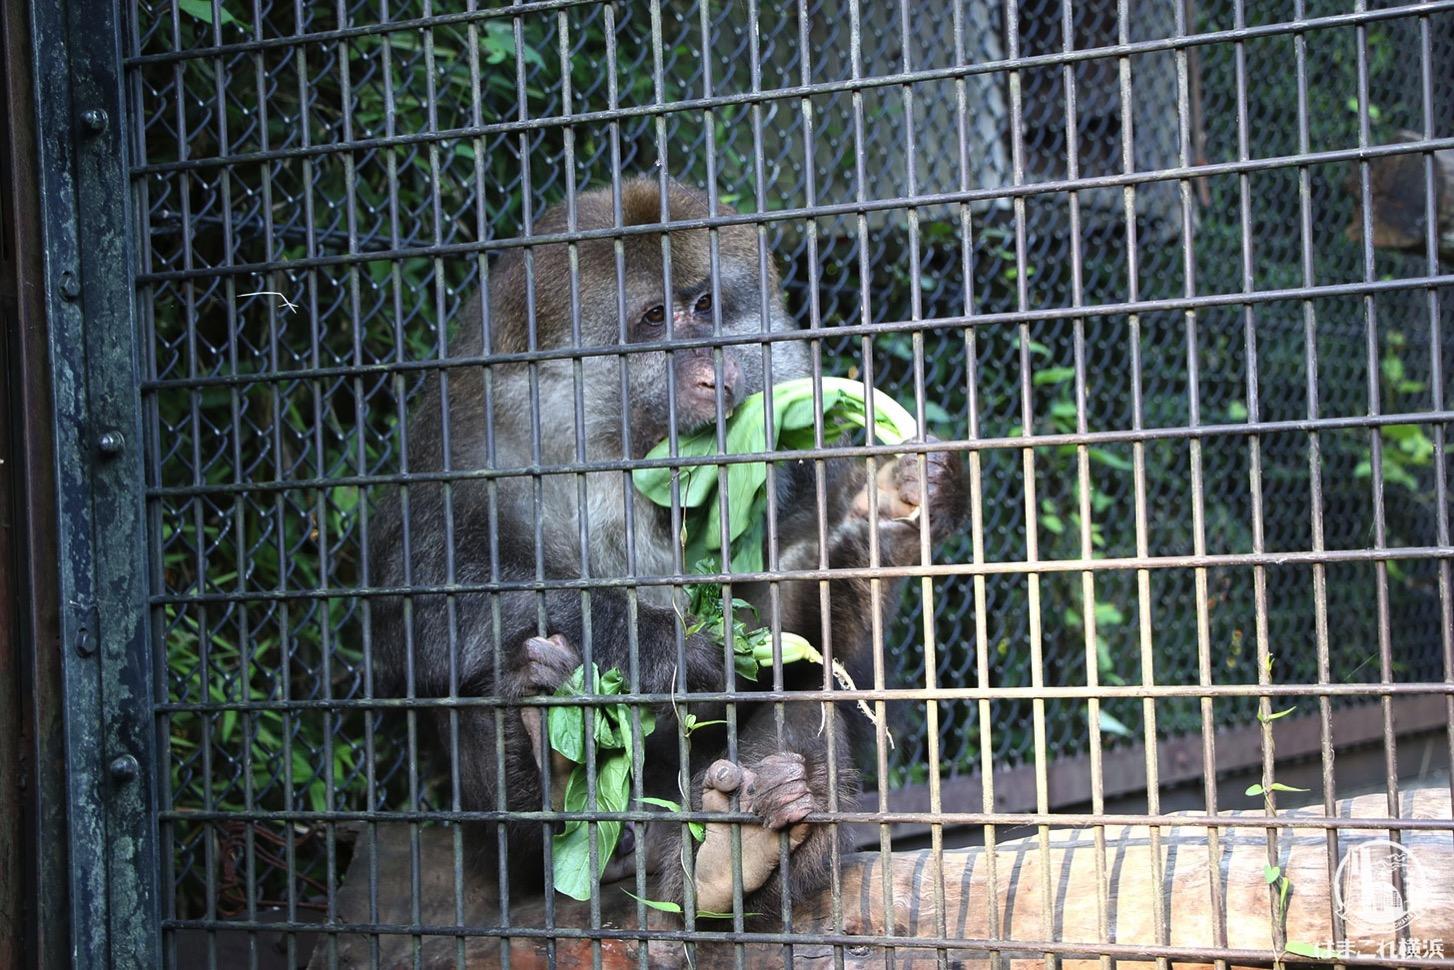 ナイトズーラシア 猿